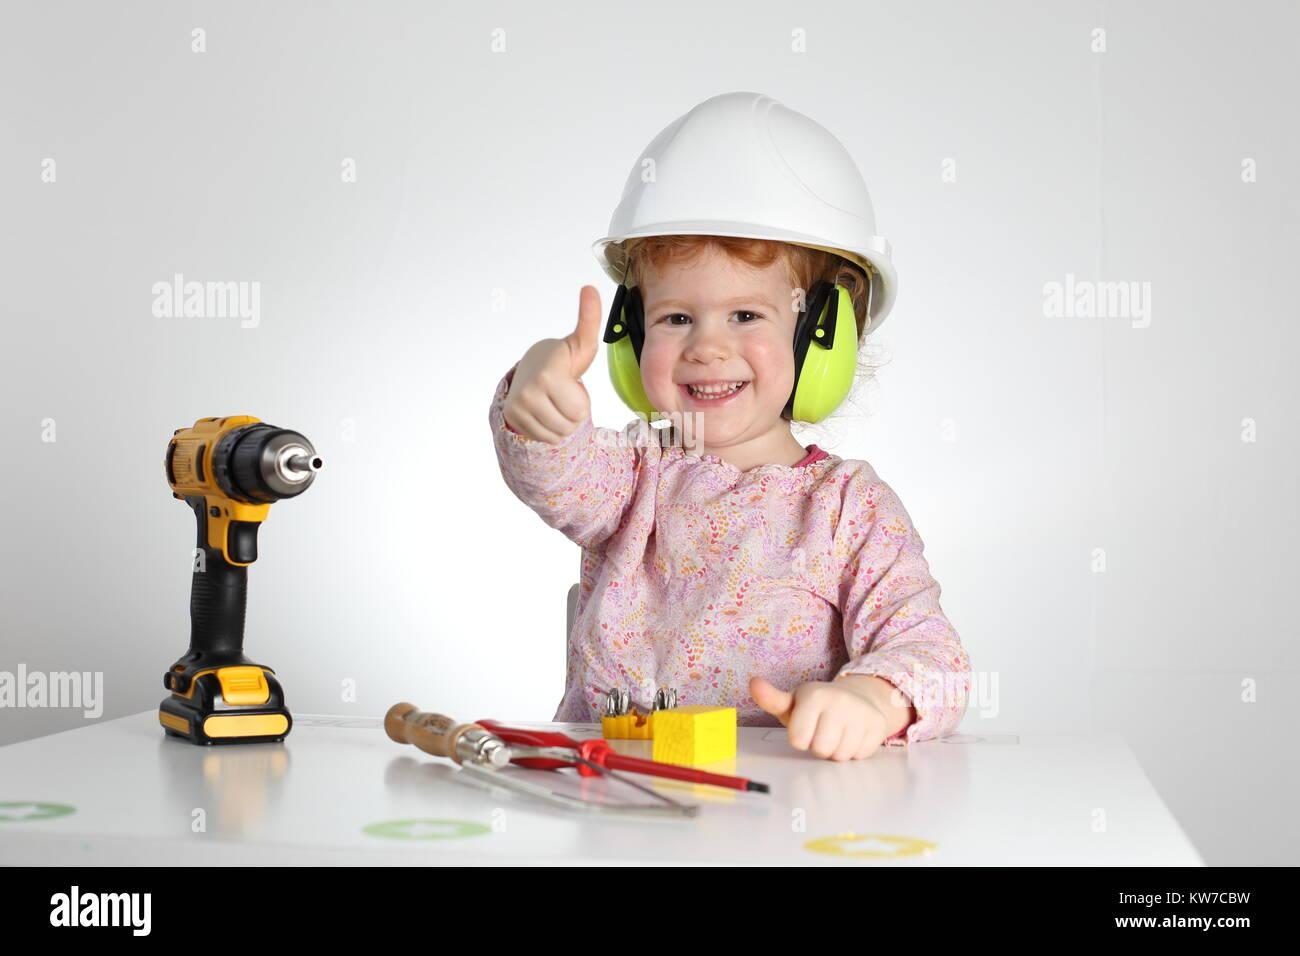 Un niño en el trabajo, seguridad y salud ocupacional Imagen De Stock